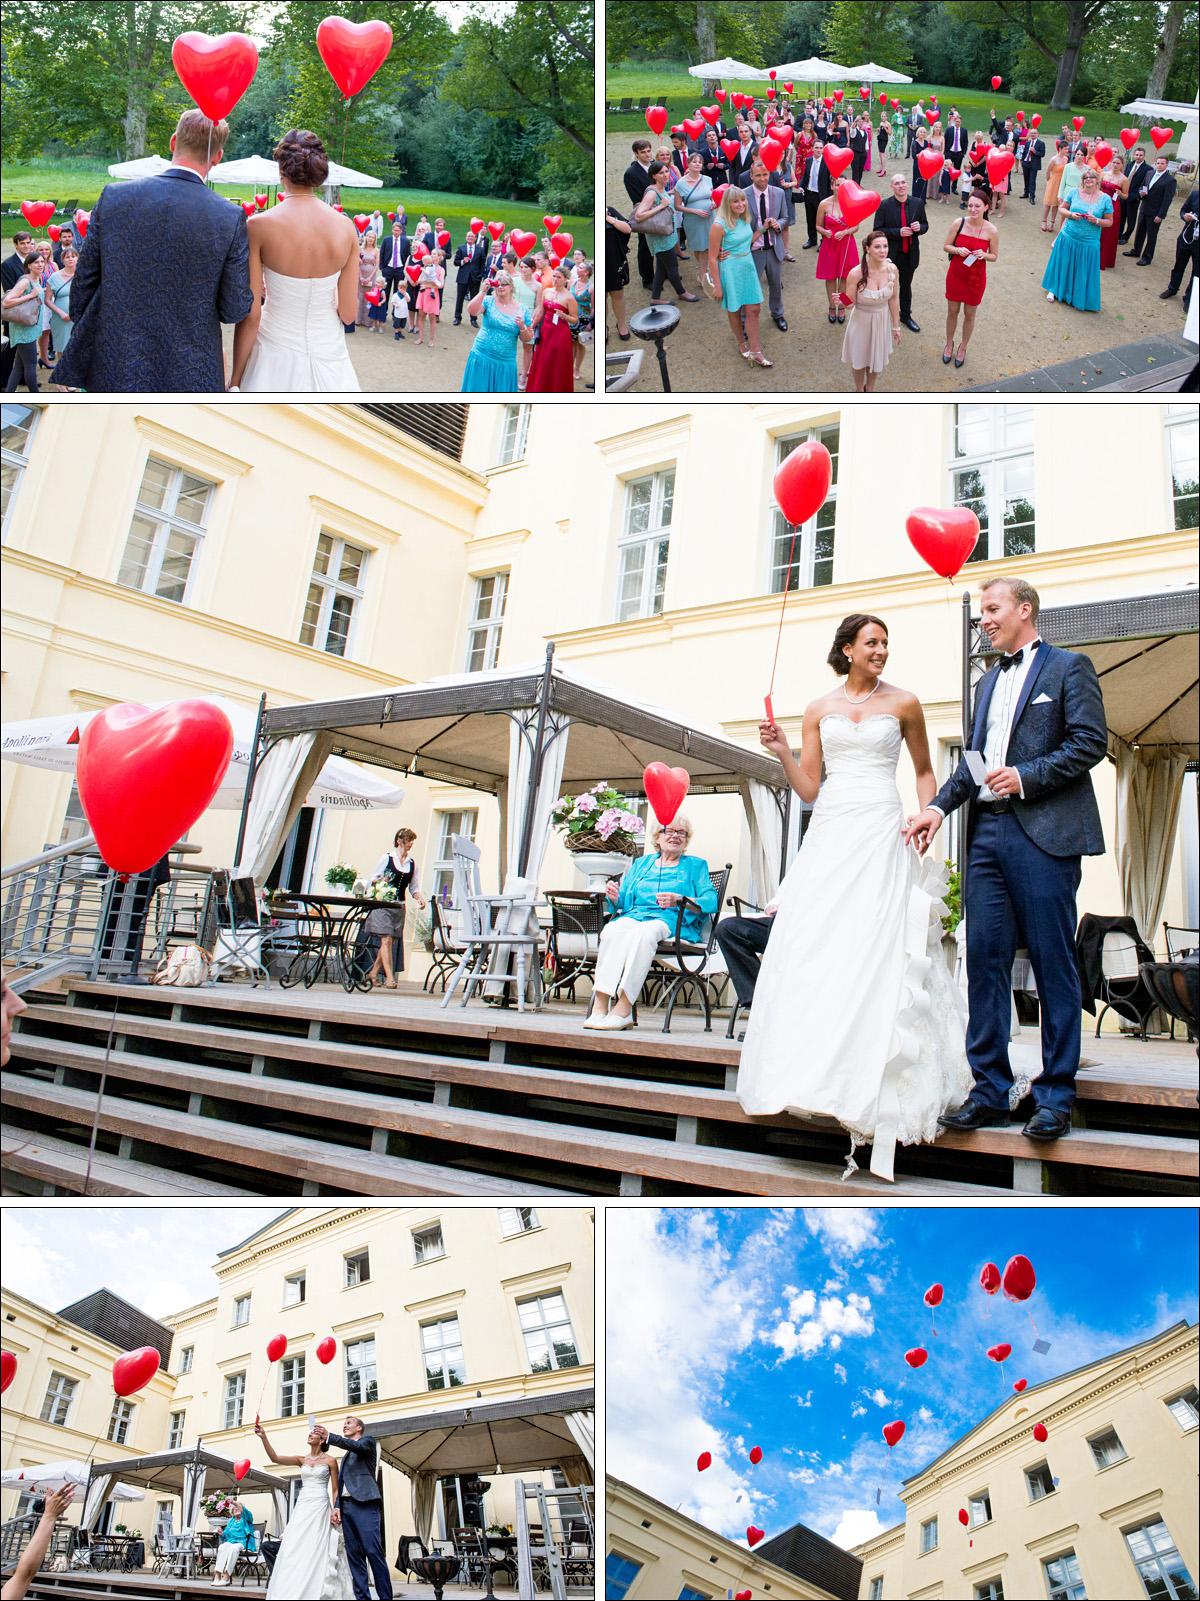 Hochzeitssfotografie Hochzeitsbilder Schloss Steinhoefel Hochzeitsfotografie Berlin